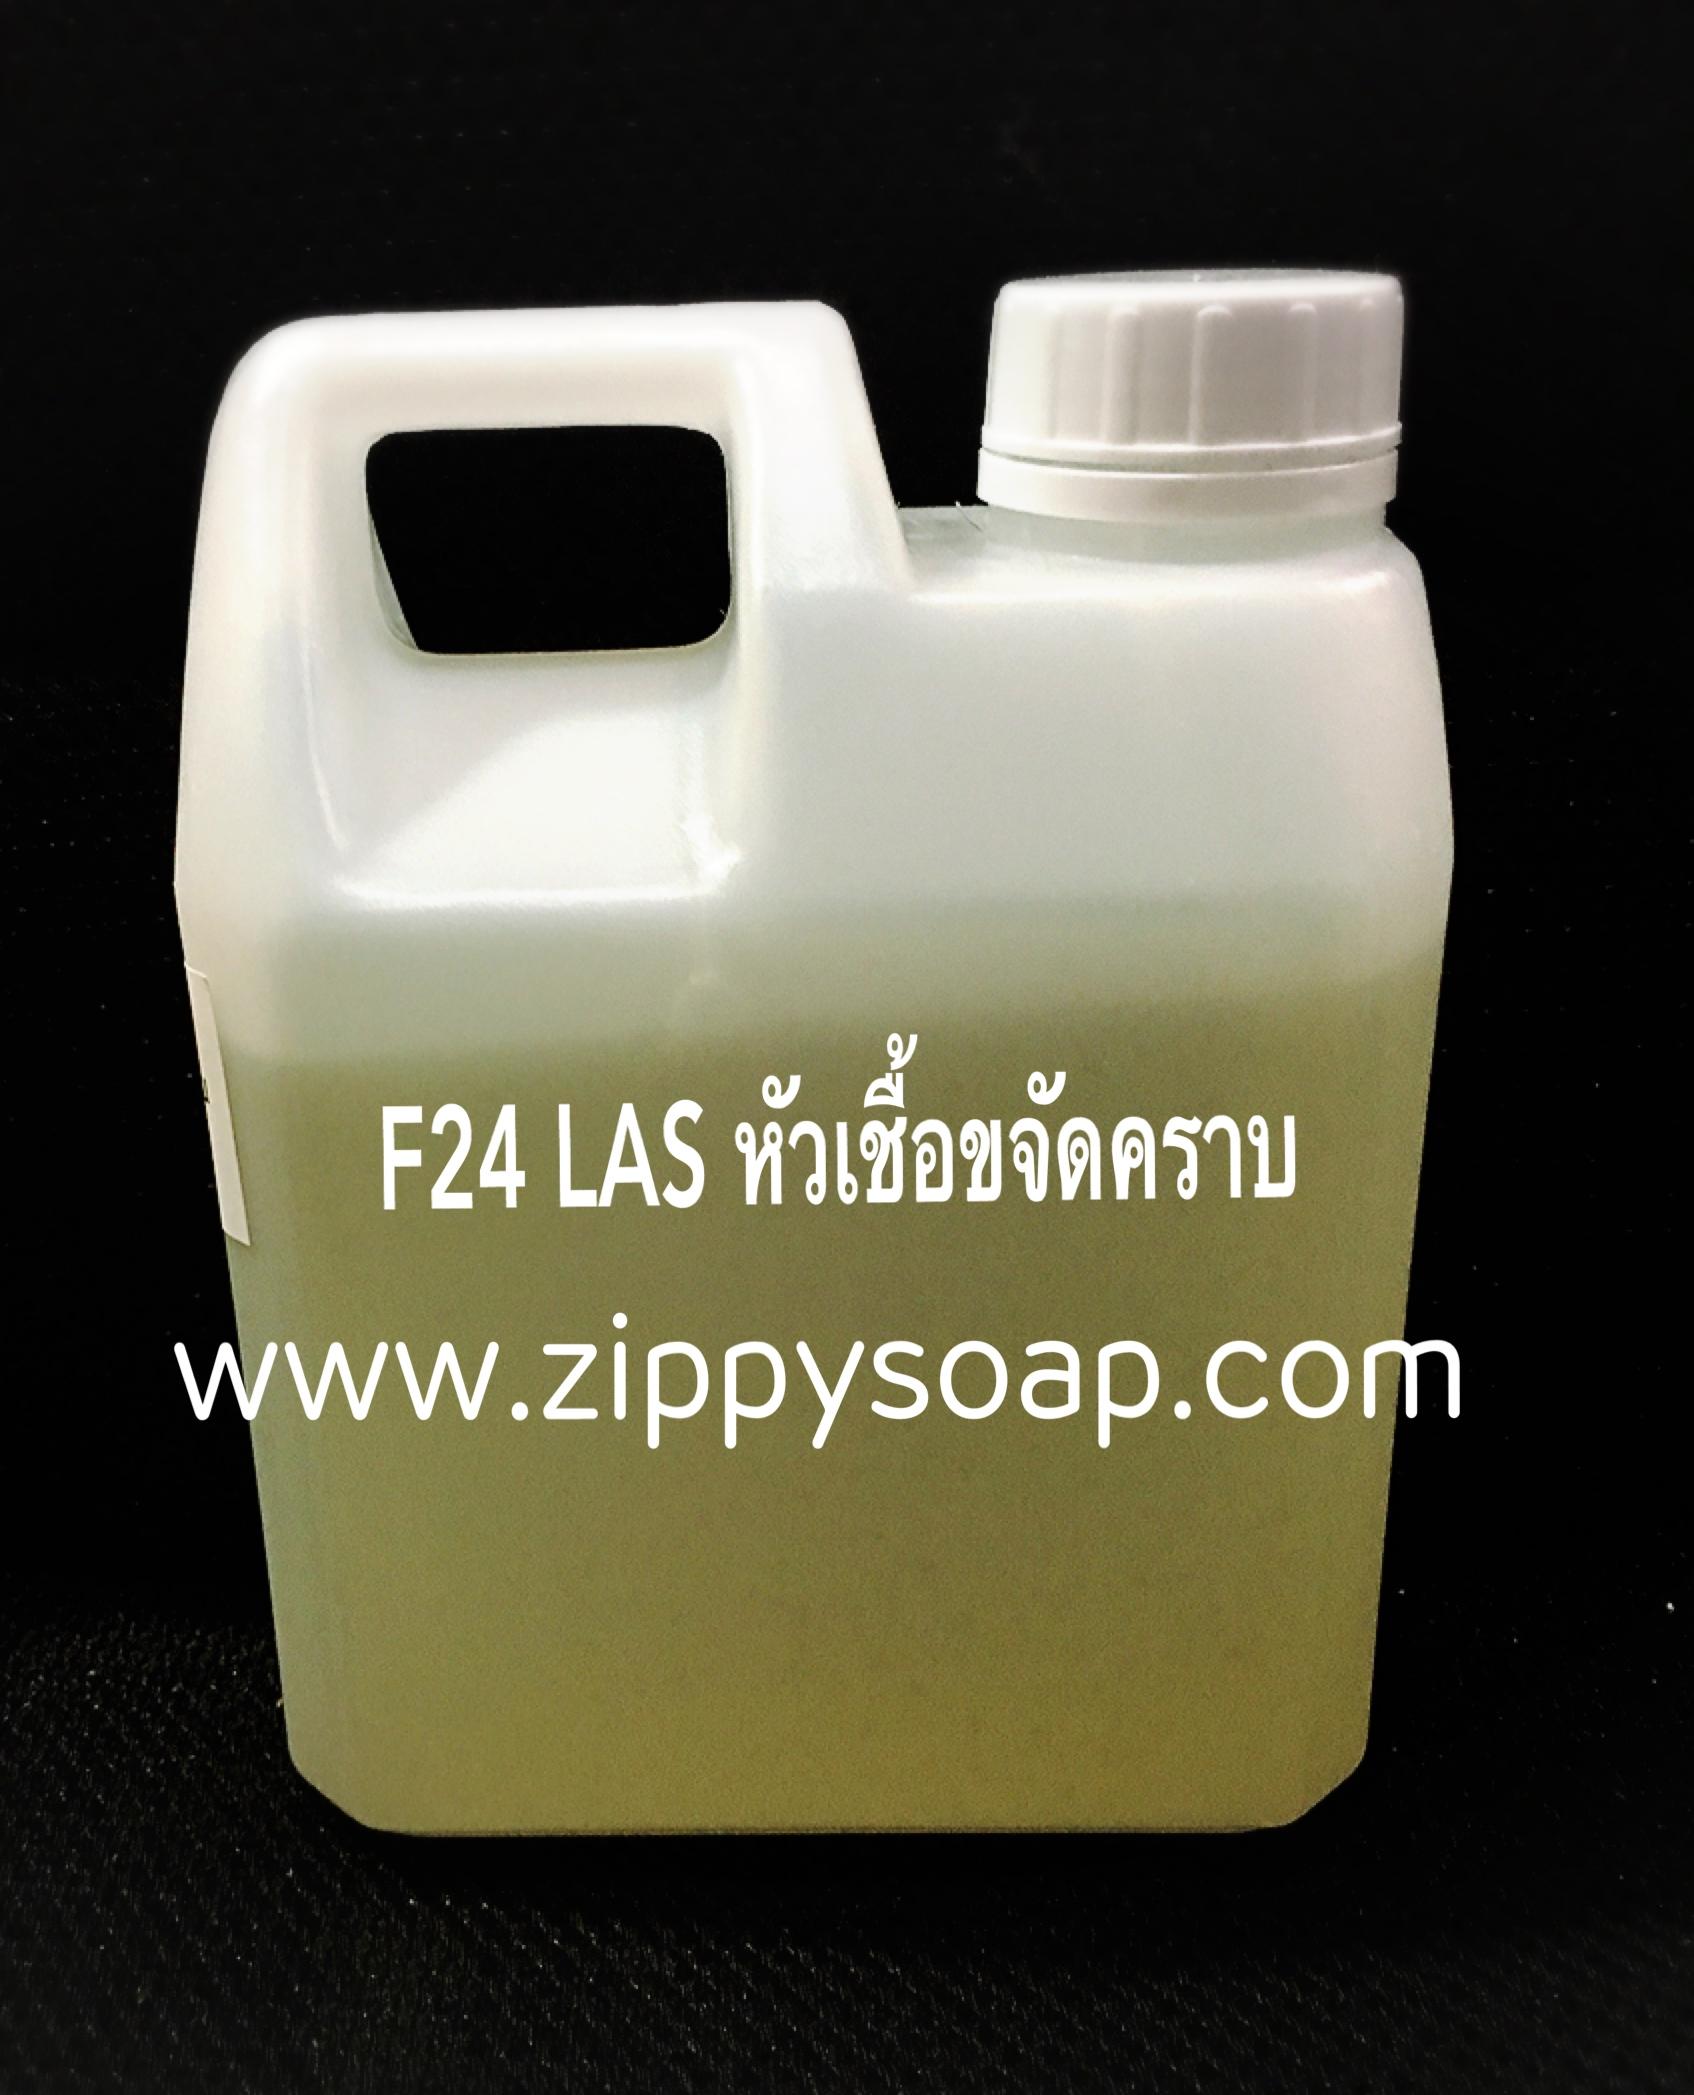 หัวเชื้อสารขจัดคราบ LAS24 /F24 1kg